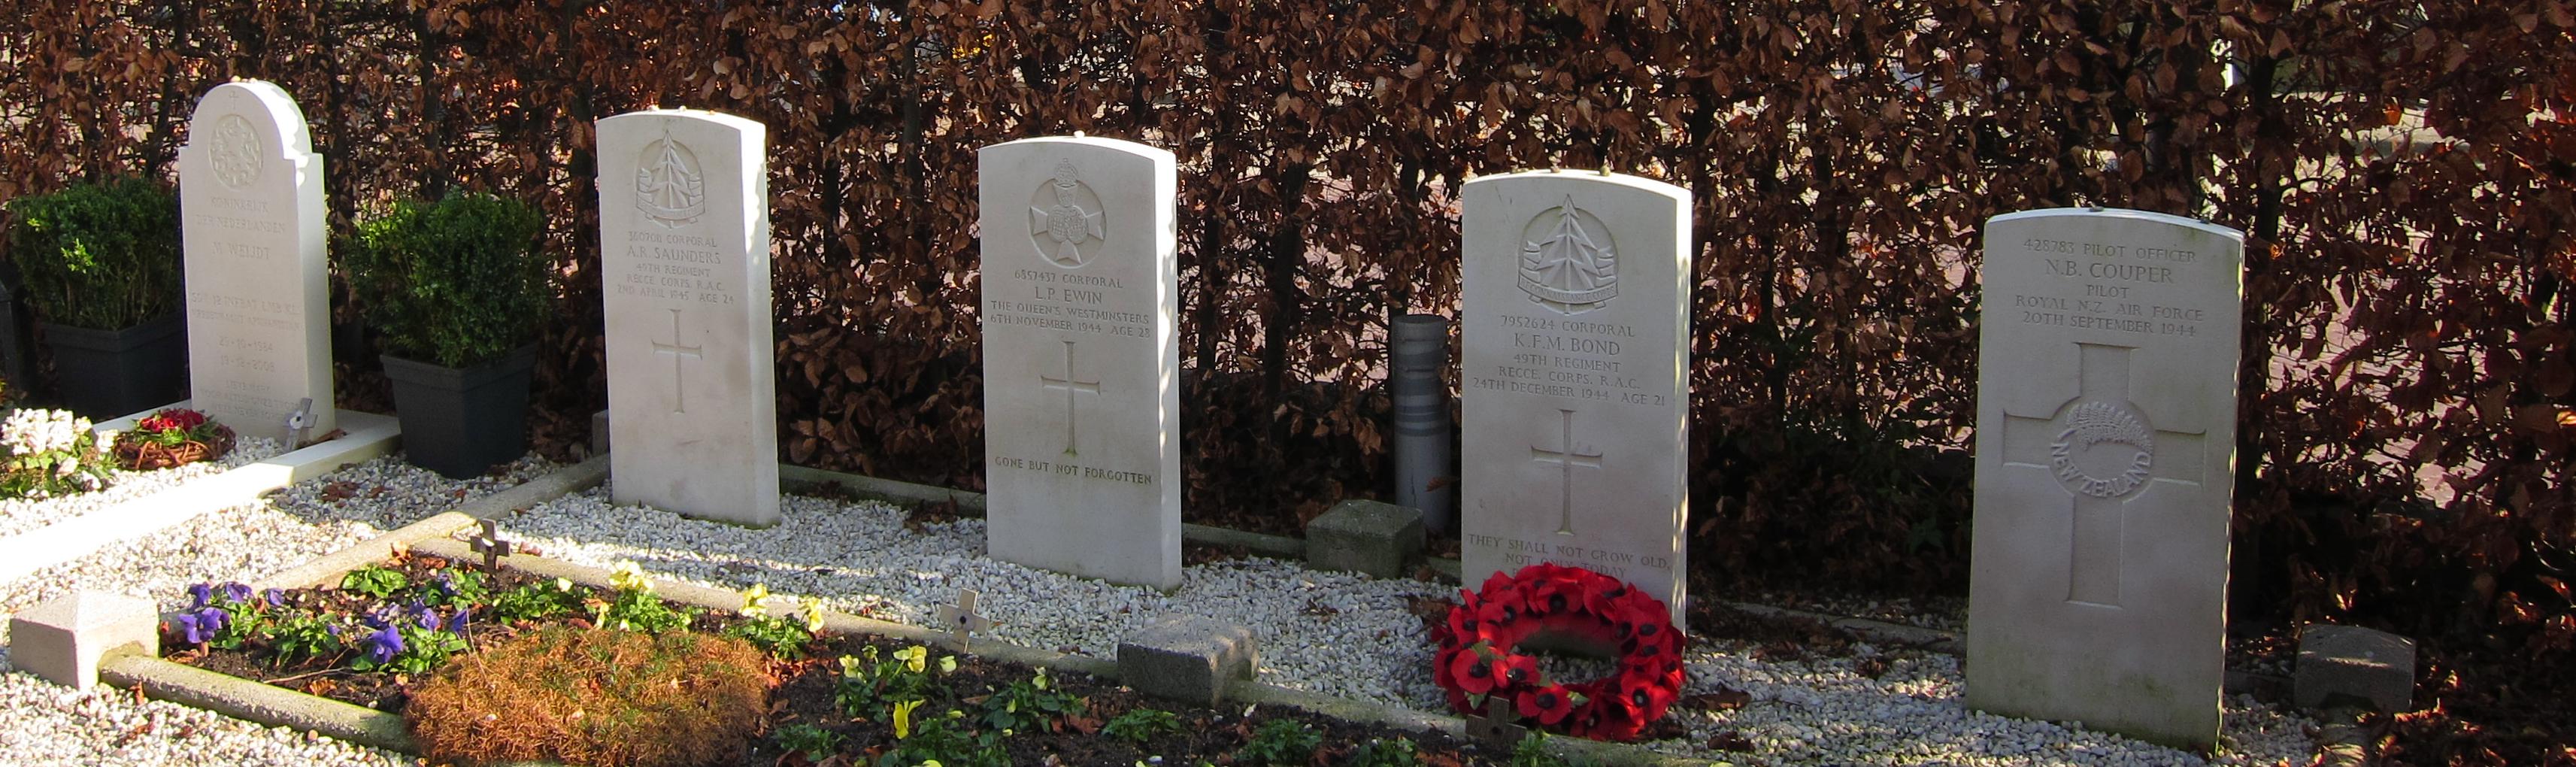 Puiflijk kerkhof 06